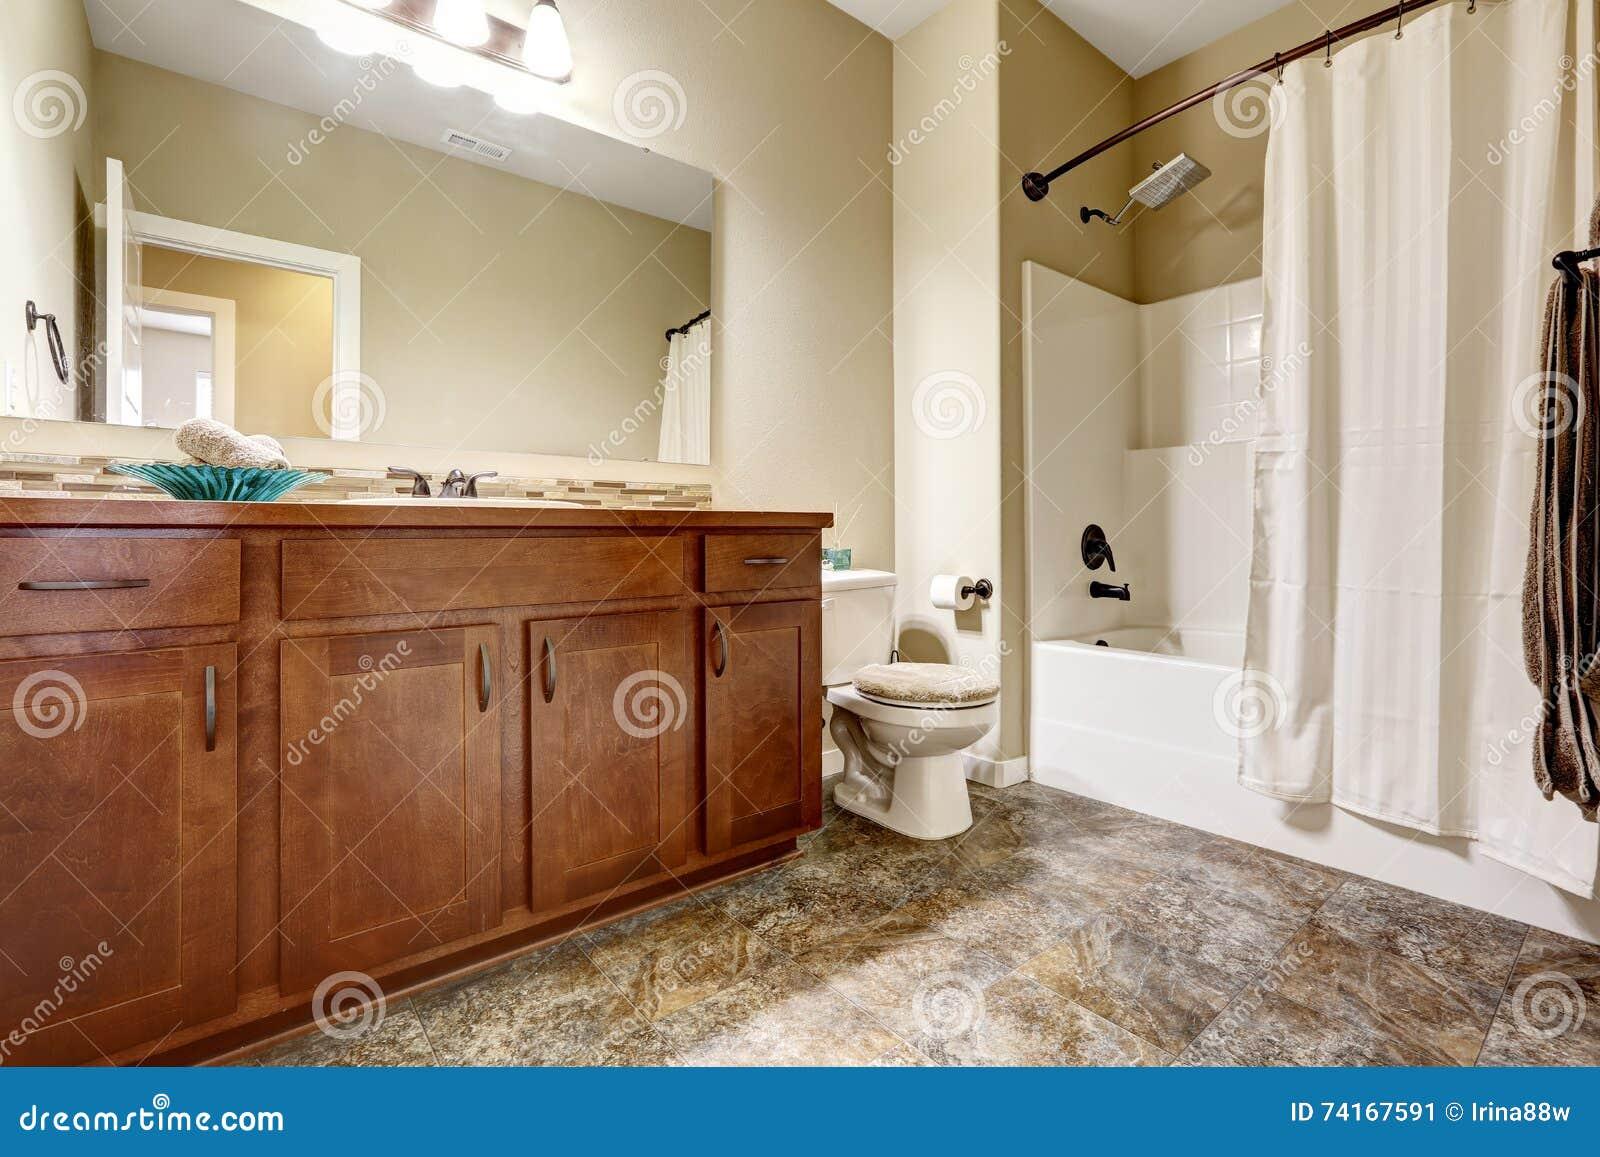 Piastrelle bagno marrone best arredo bagno marrone piastrelle per bagno marrone specchi da - Bagno piastrelle marroni ...